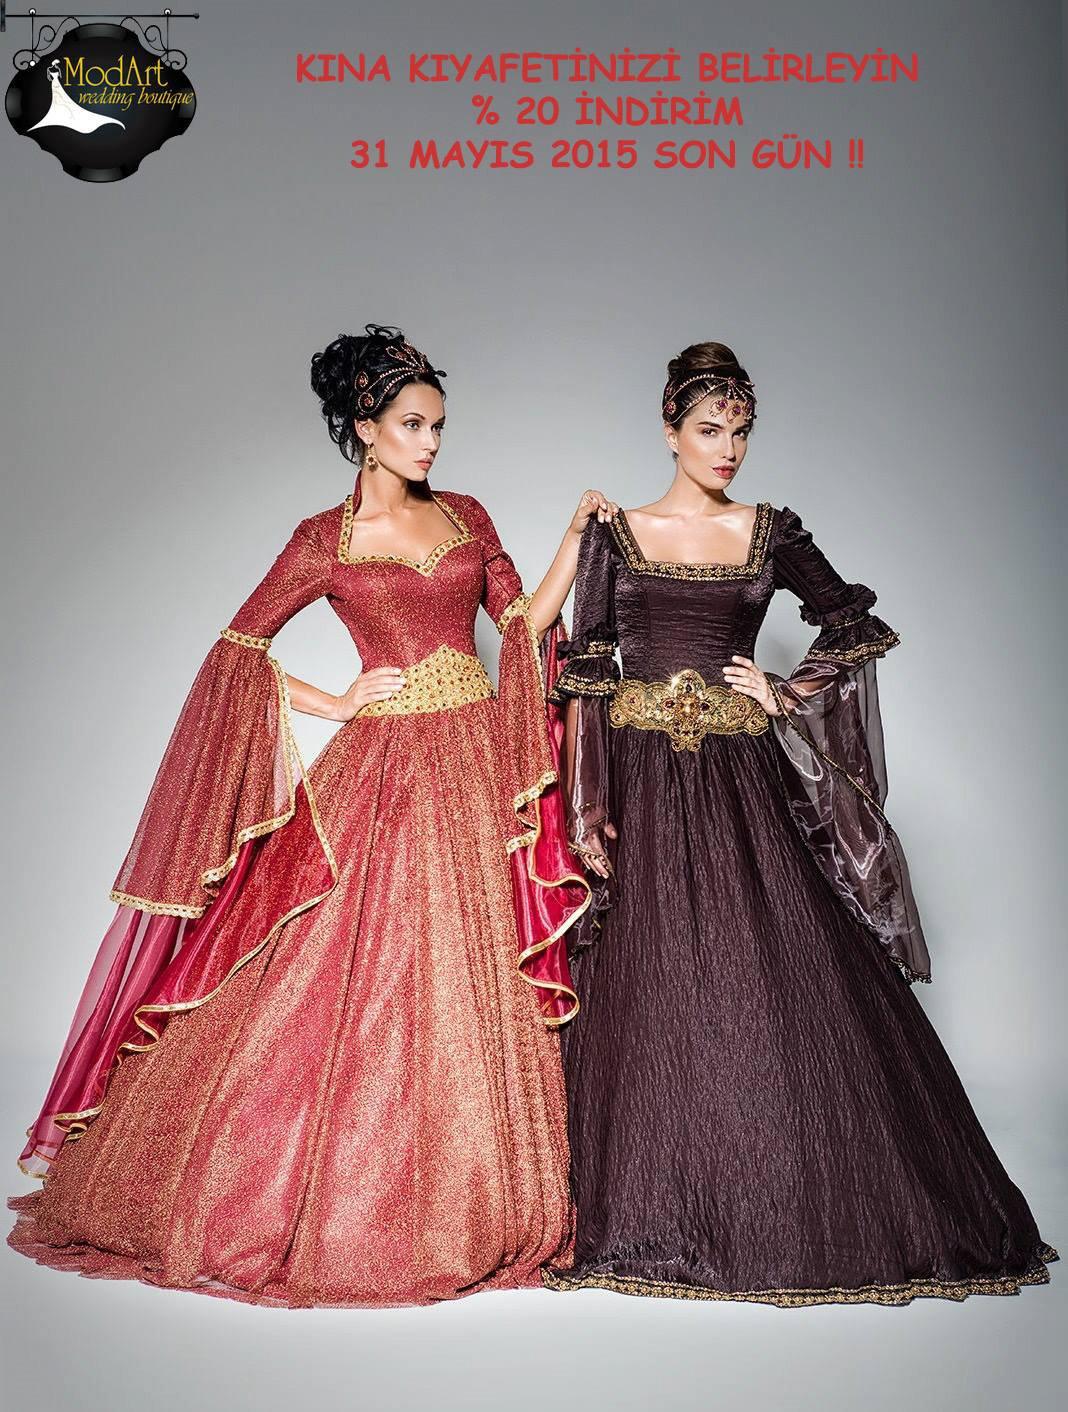 Moda Çekimi - Editorial - Beauty gelin abiye katalog cekimi 8